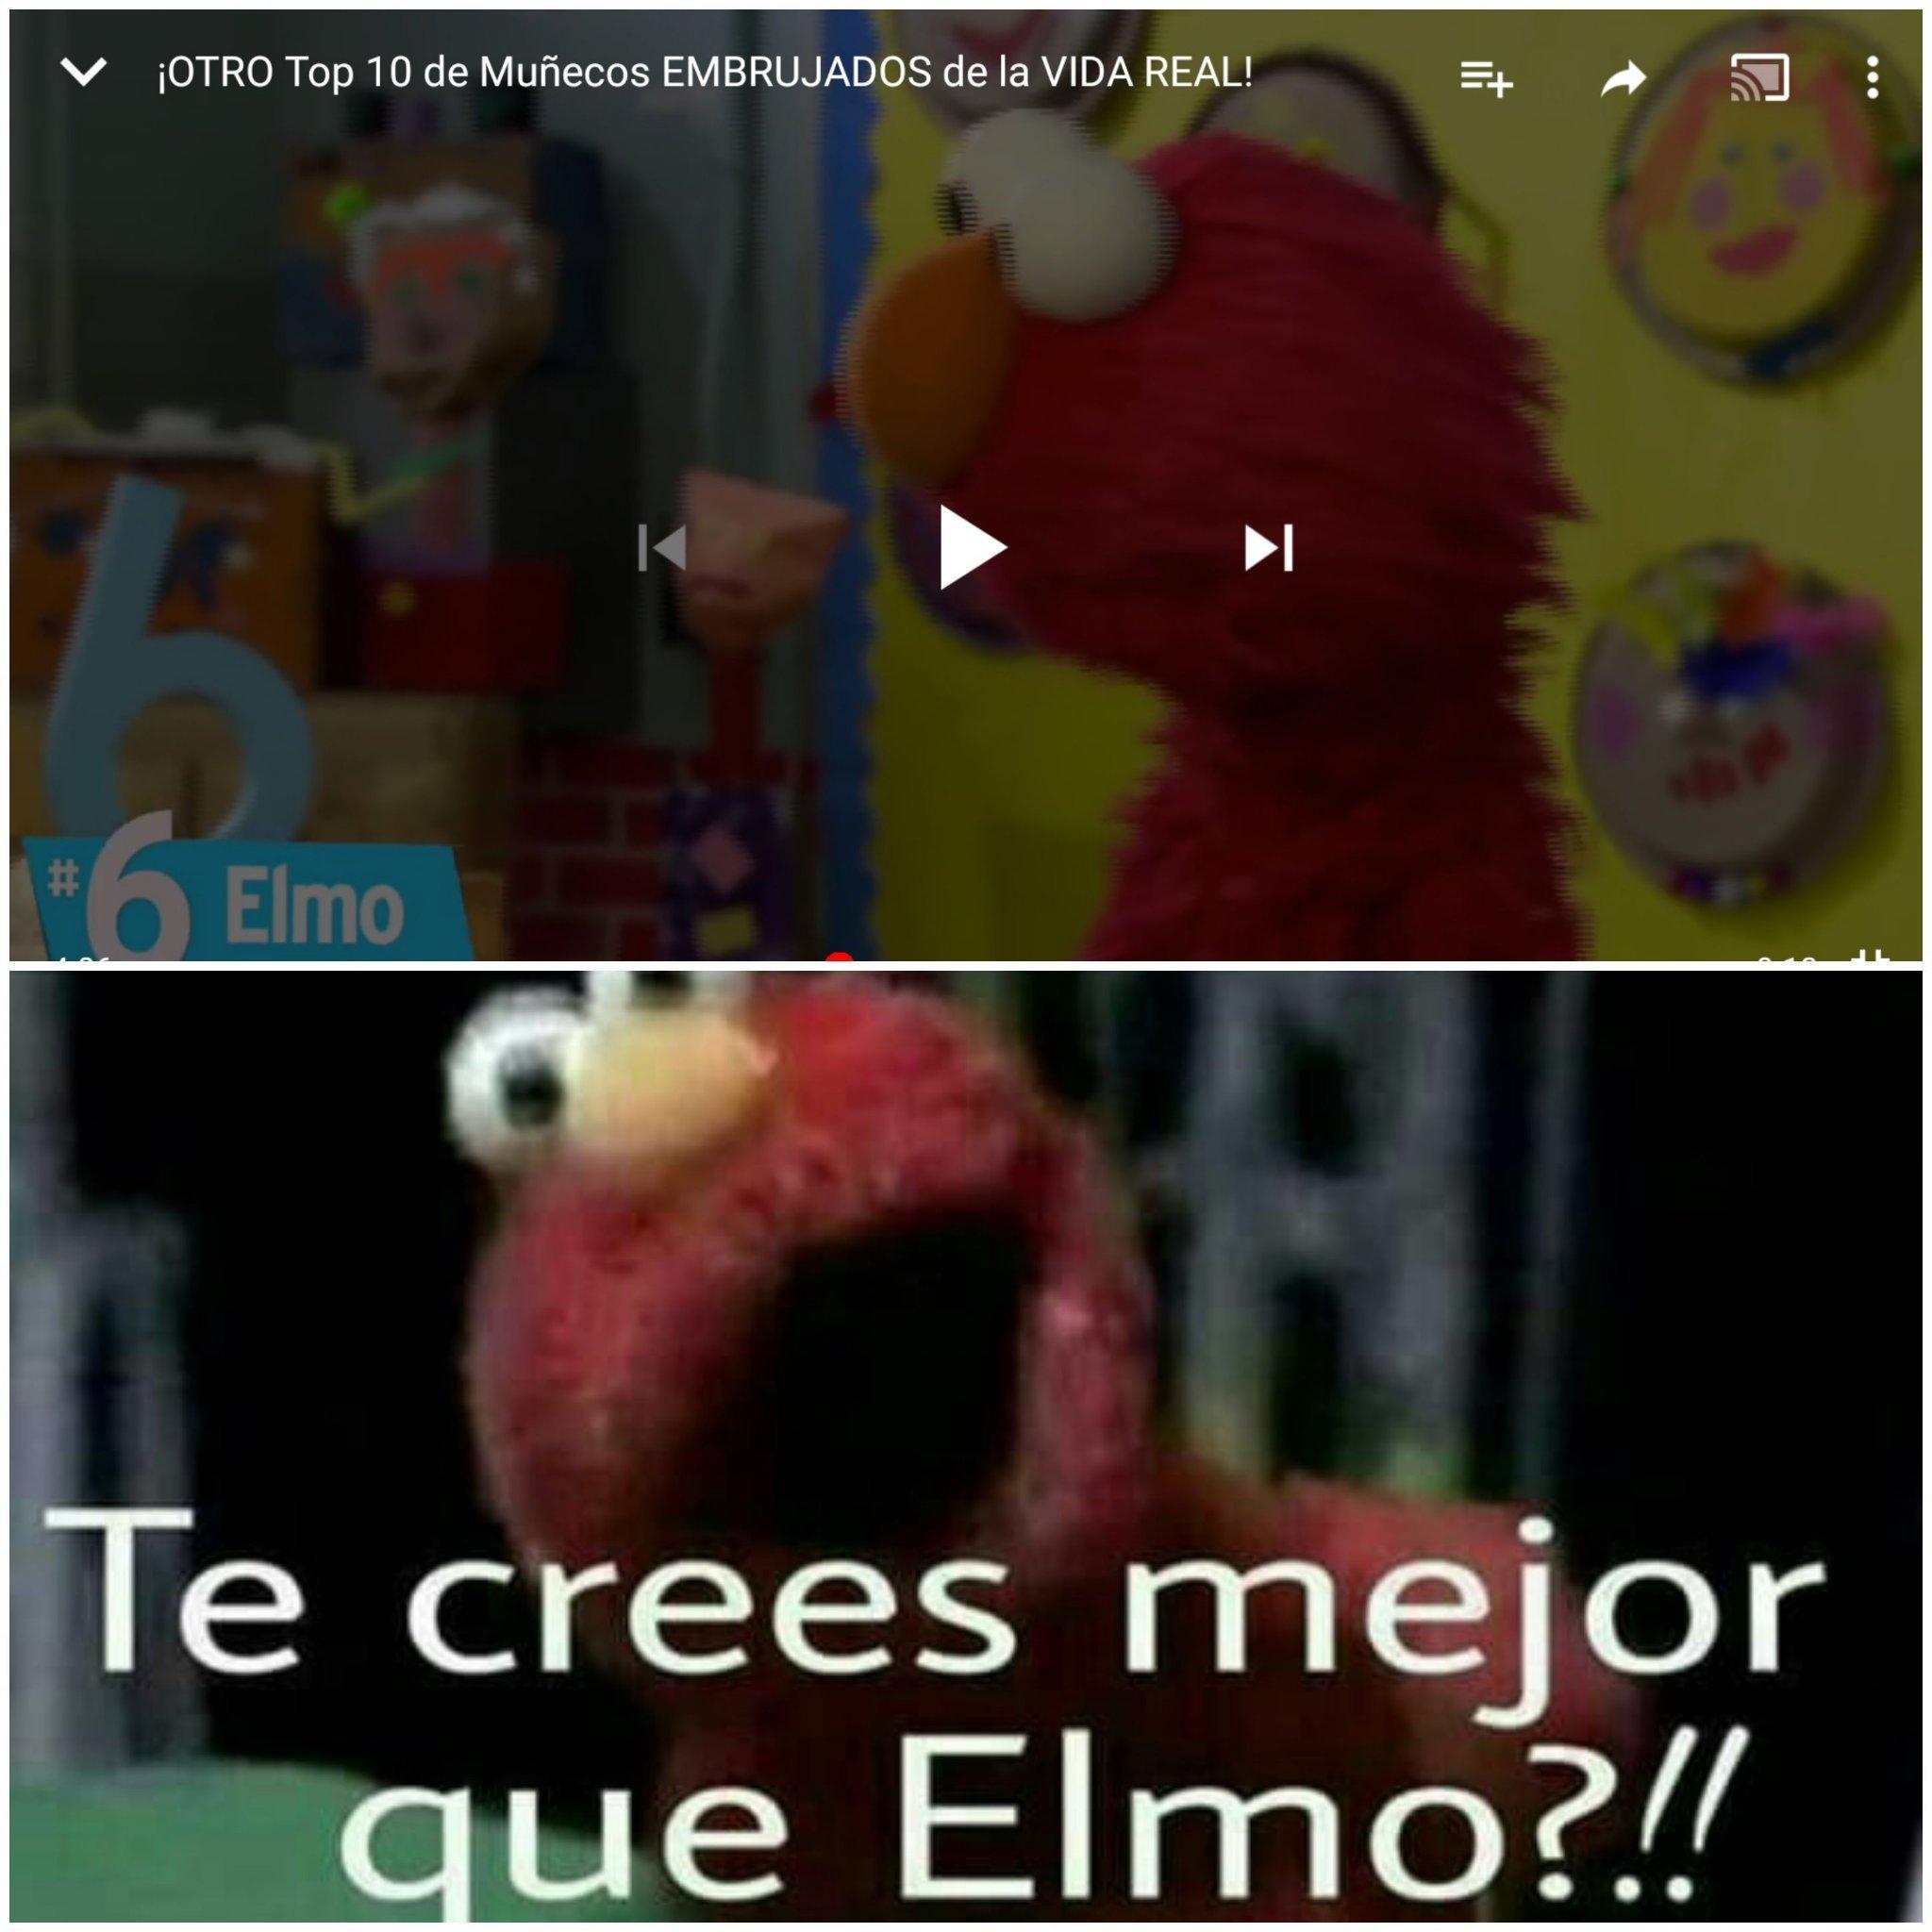 Elmo+mazo=muñeco maldito - meme